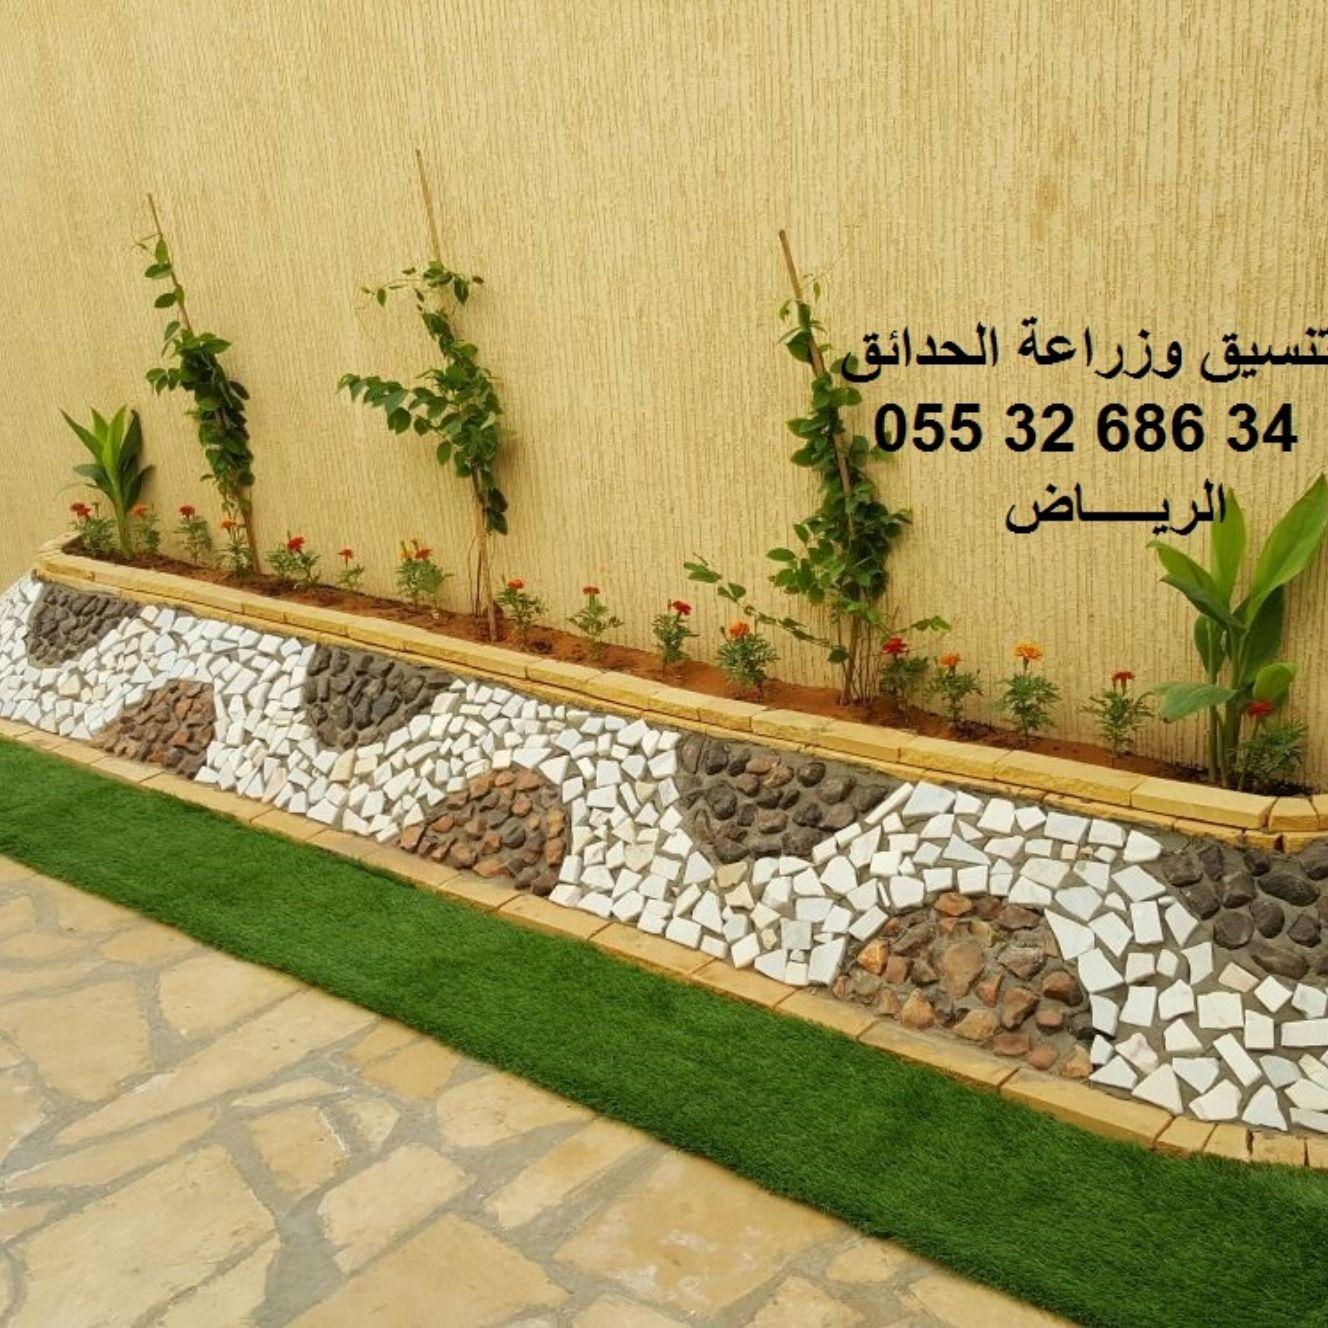 تصميم الحدائق المنزلية الصغيرة تصميم الحدائق المنزلية بالصور تصميم الحدائق المنزلية يوتيوب تنسيق